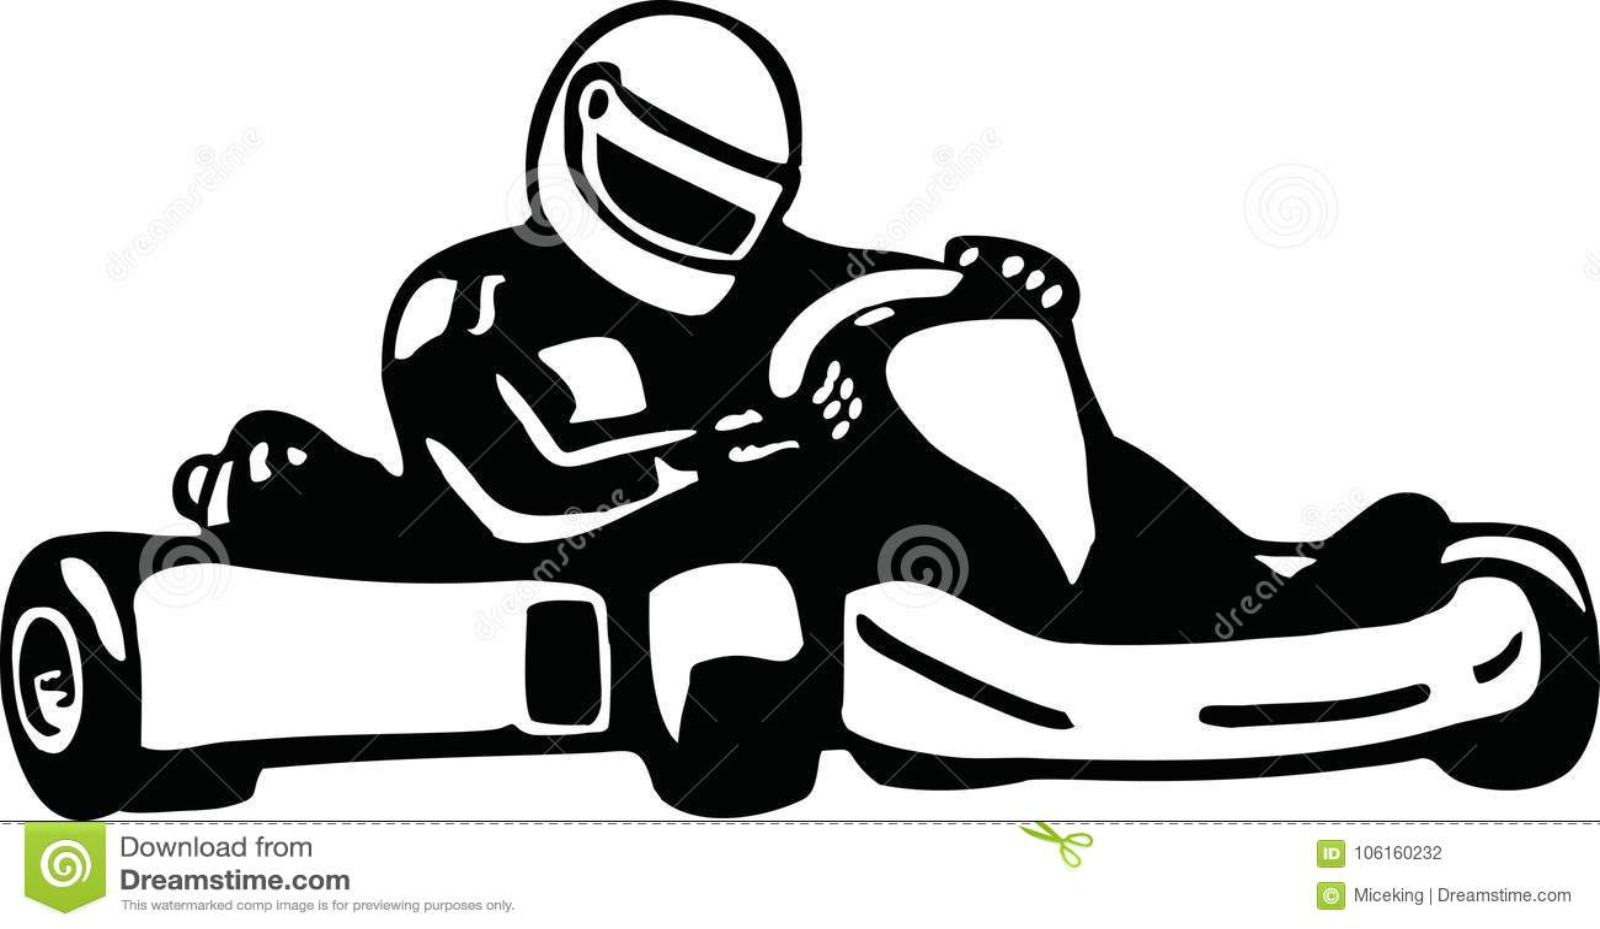 Kart Racer Stock Vector Illustration Of Silhouette